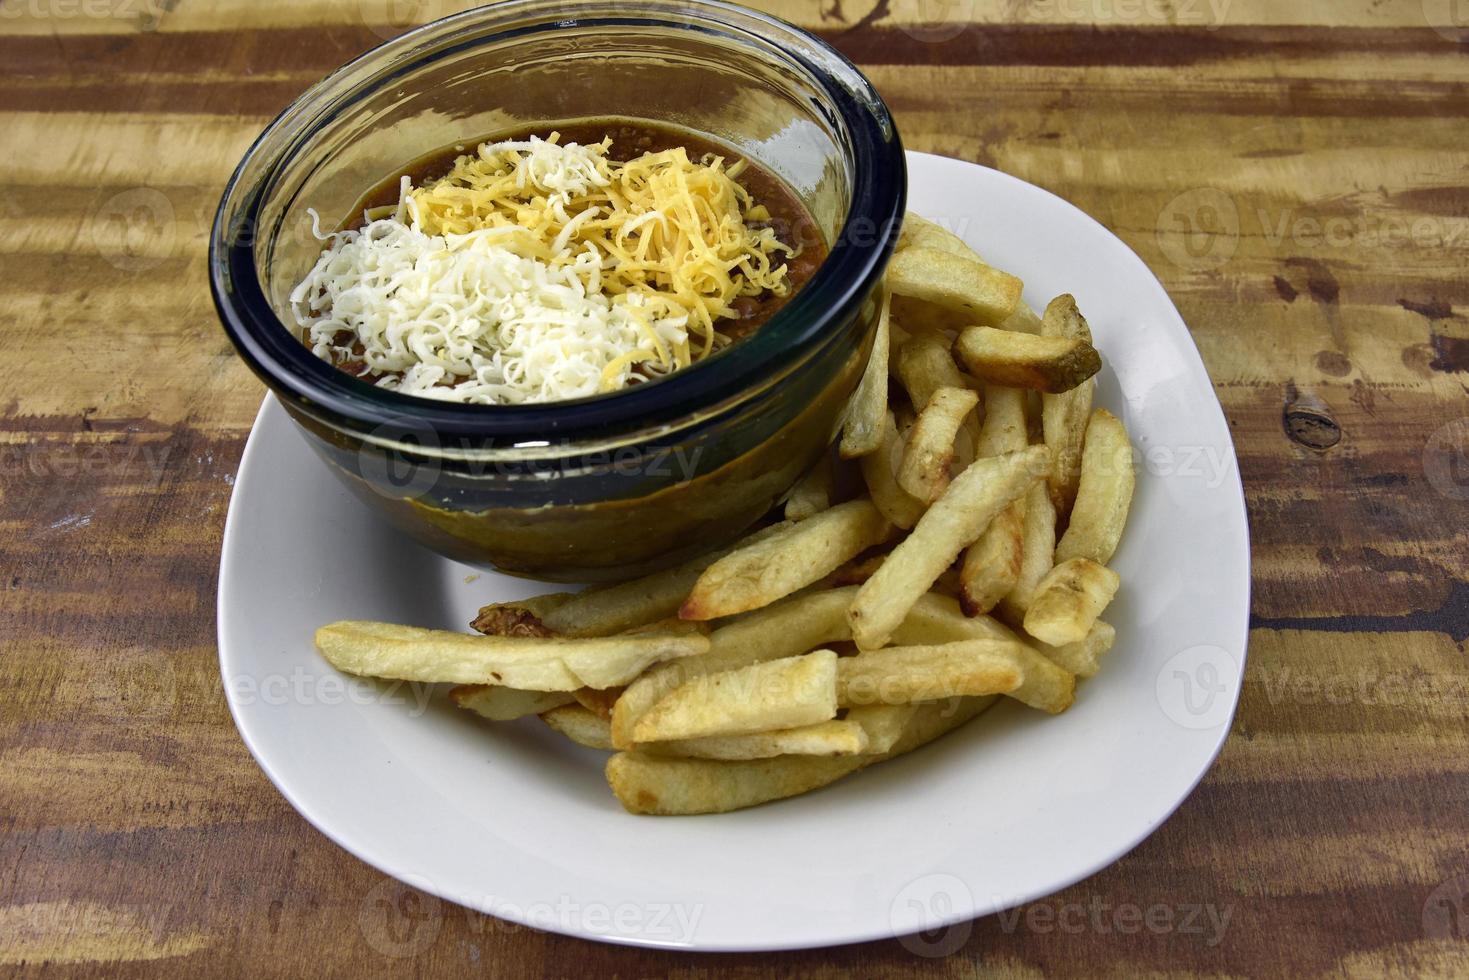 refeição de batatas fritas com queijo chili foto